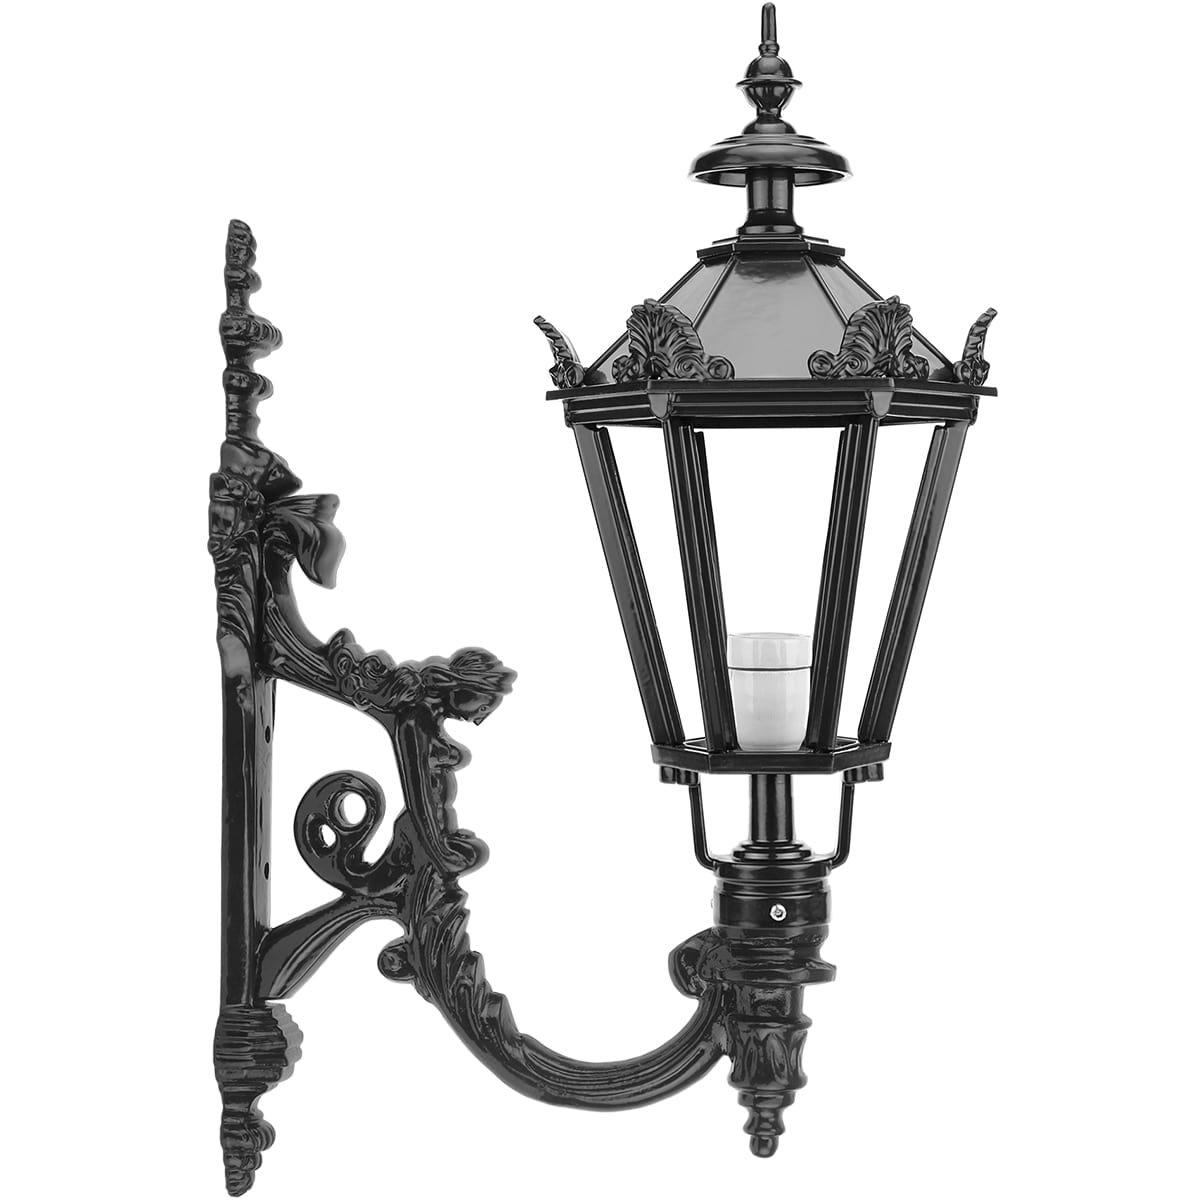 Buitenverlichting Klassiek Landelijk Buitenlamp Schiedam met kronen - 78 cm